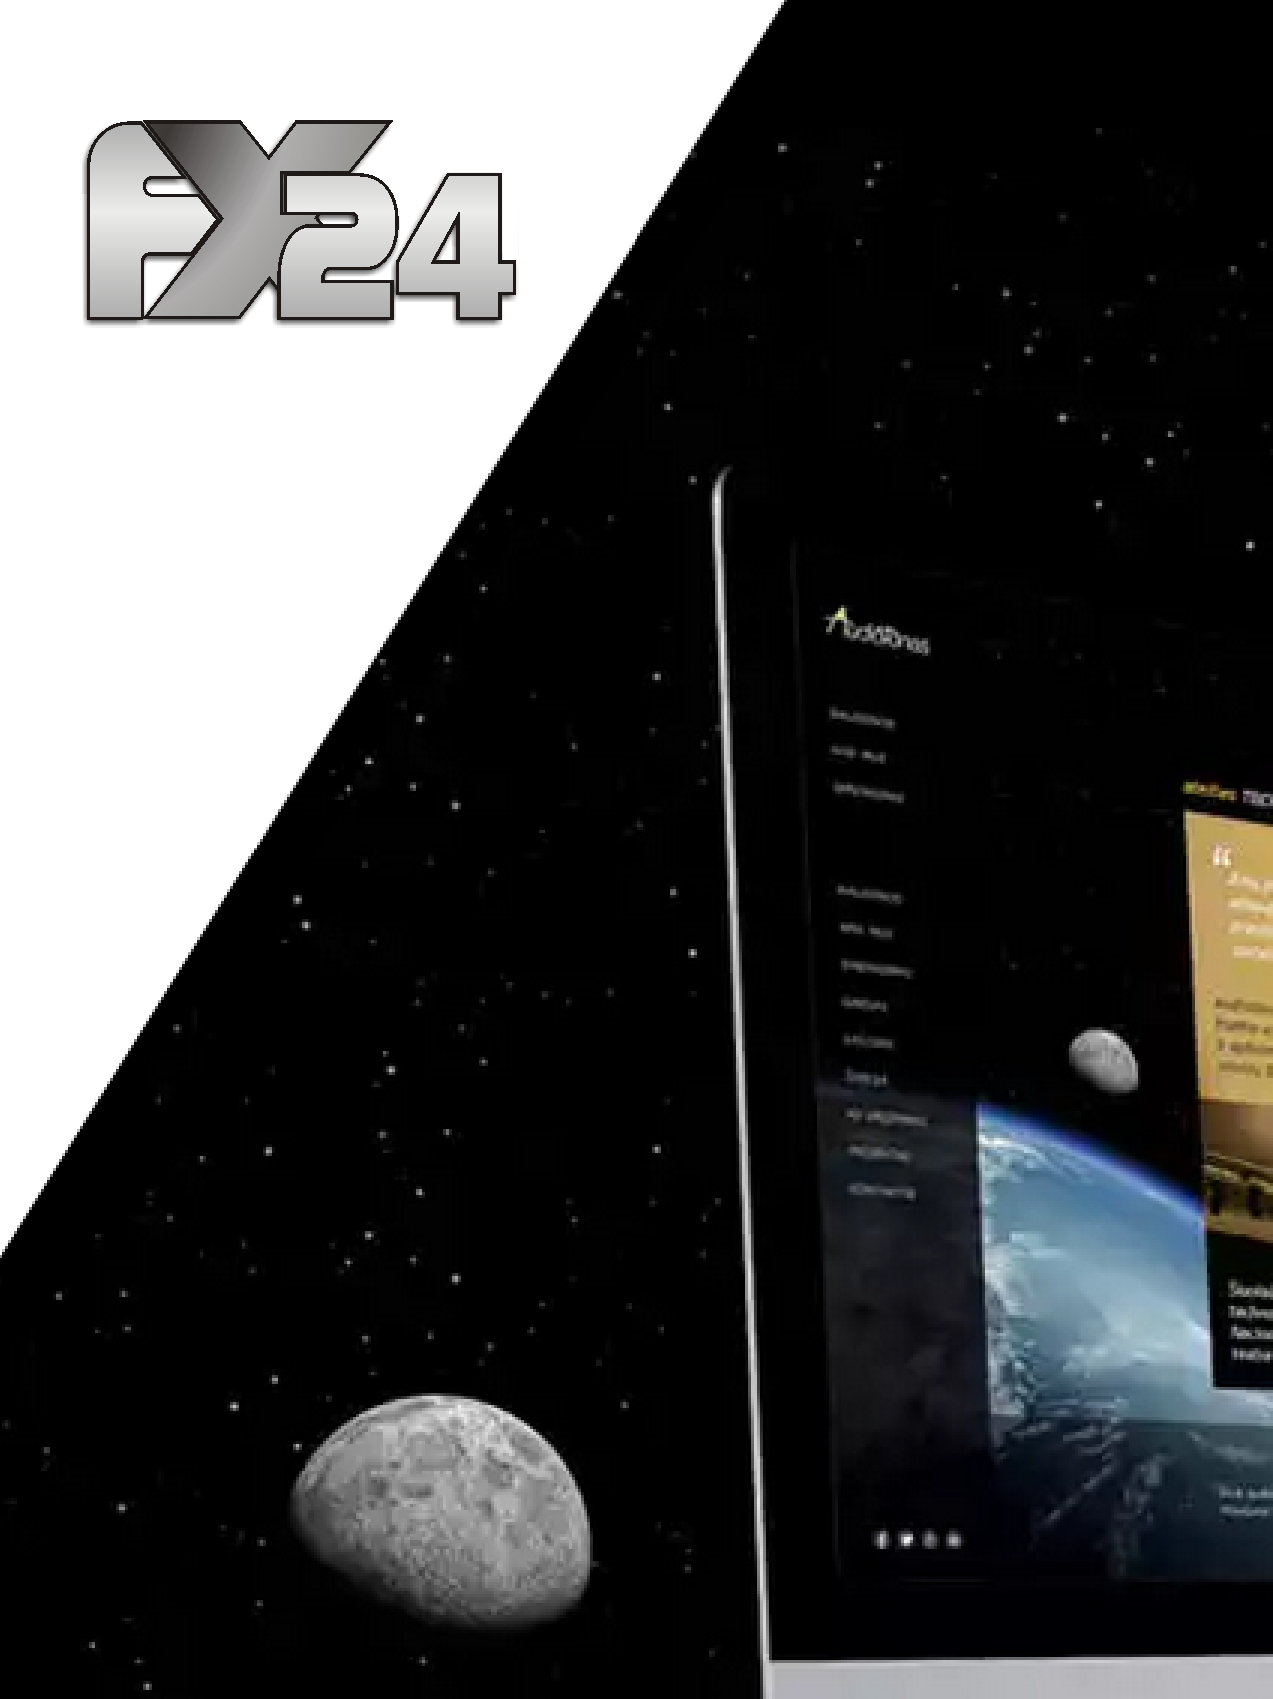 Разработка логотипа компании FX-24 фото f_942545322e259a82.jpg